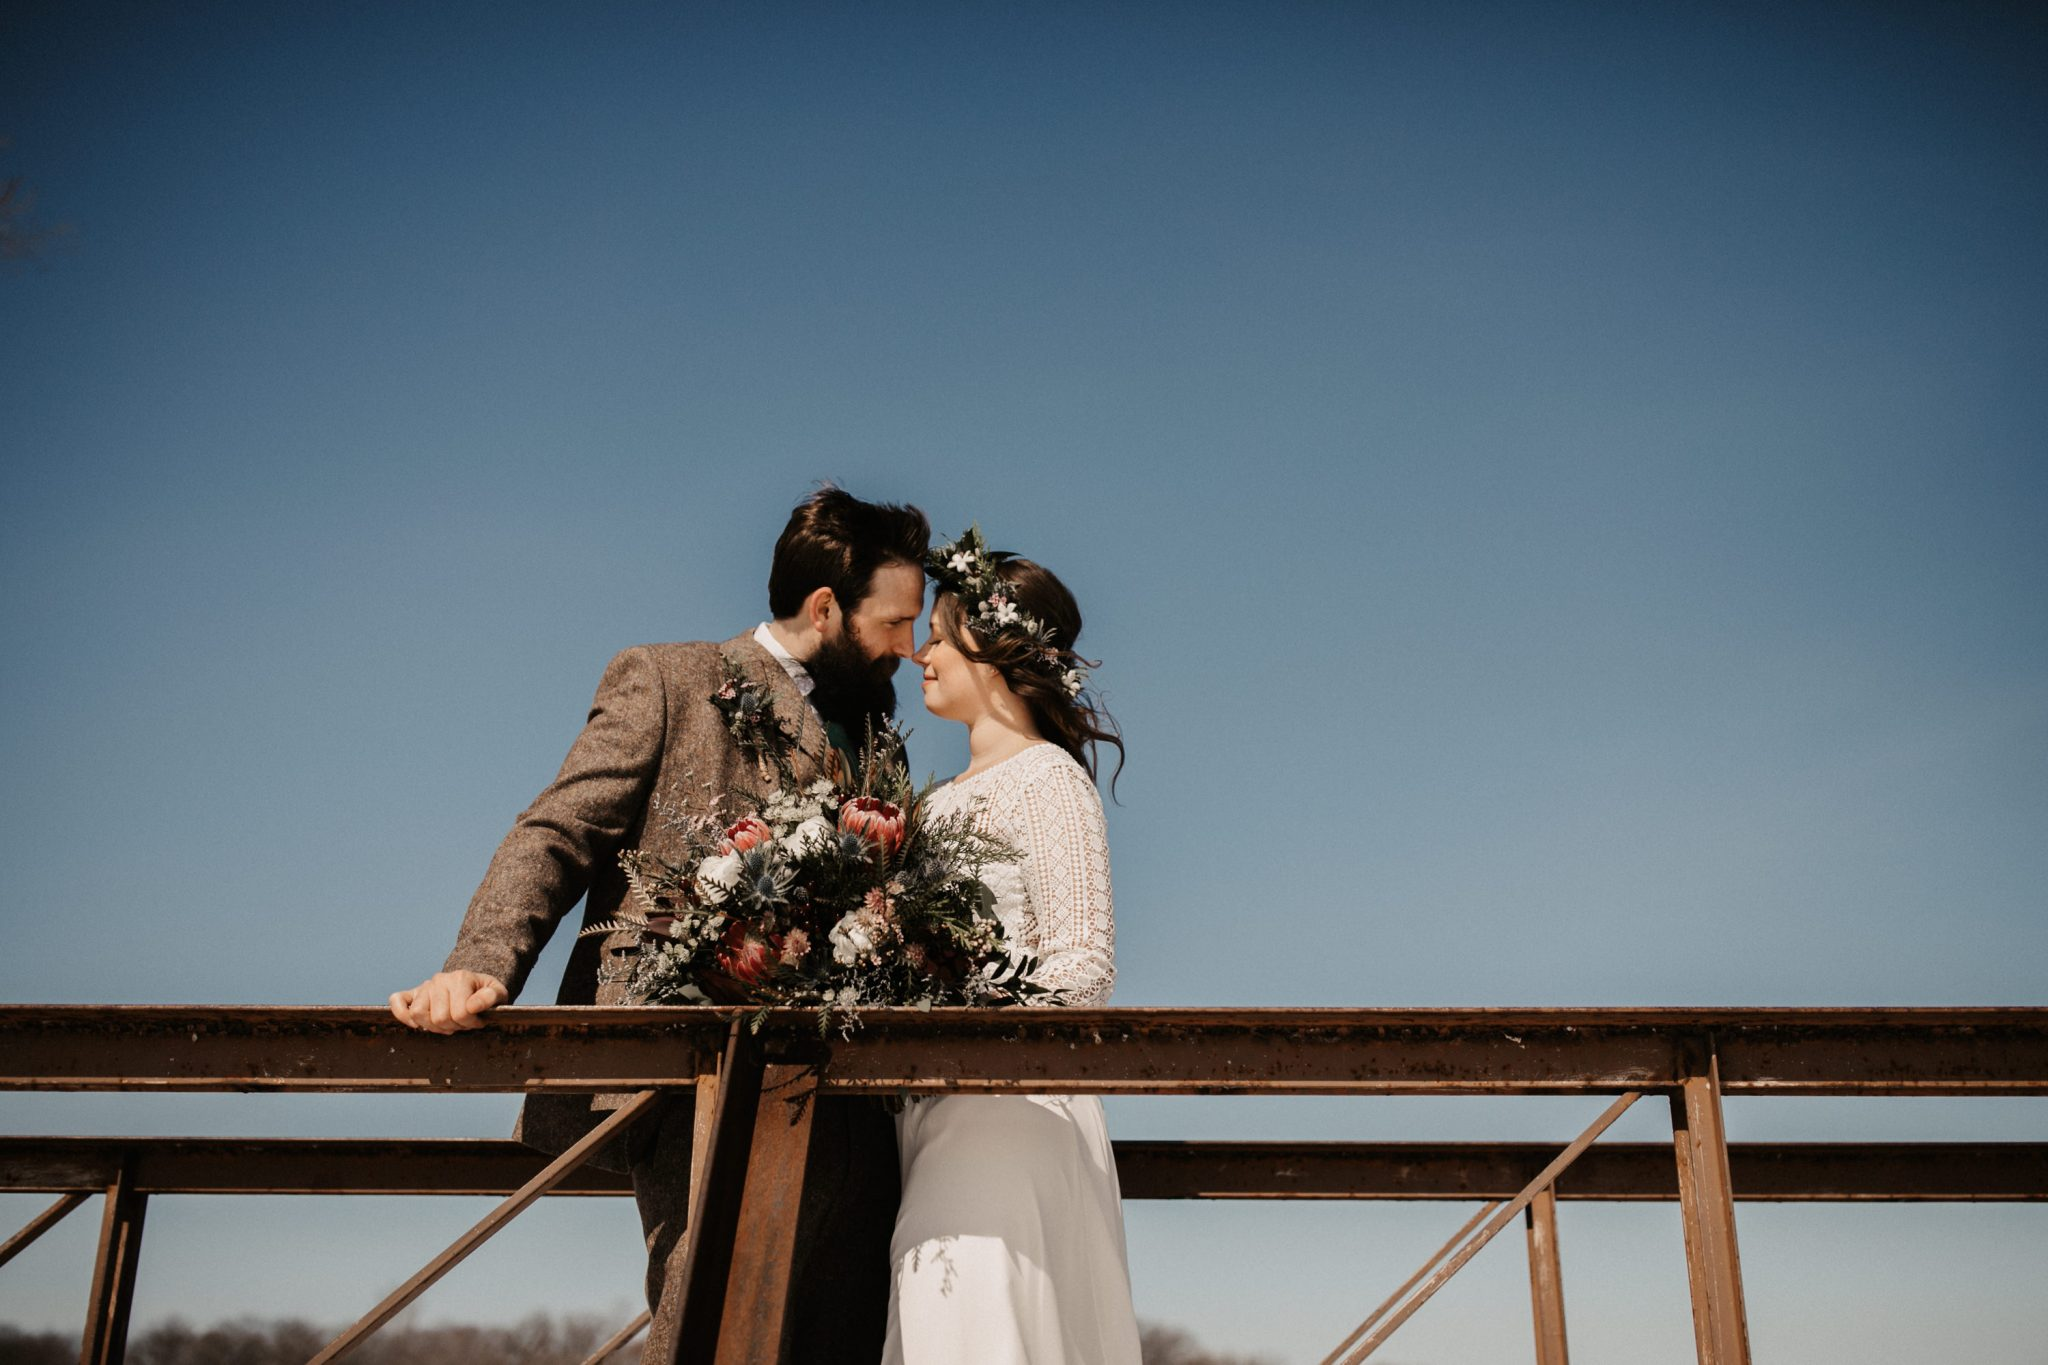 Hochzeit_Hochzeitsfotograf_SelinaFlaschPhotography_Minnesota_USA